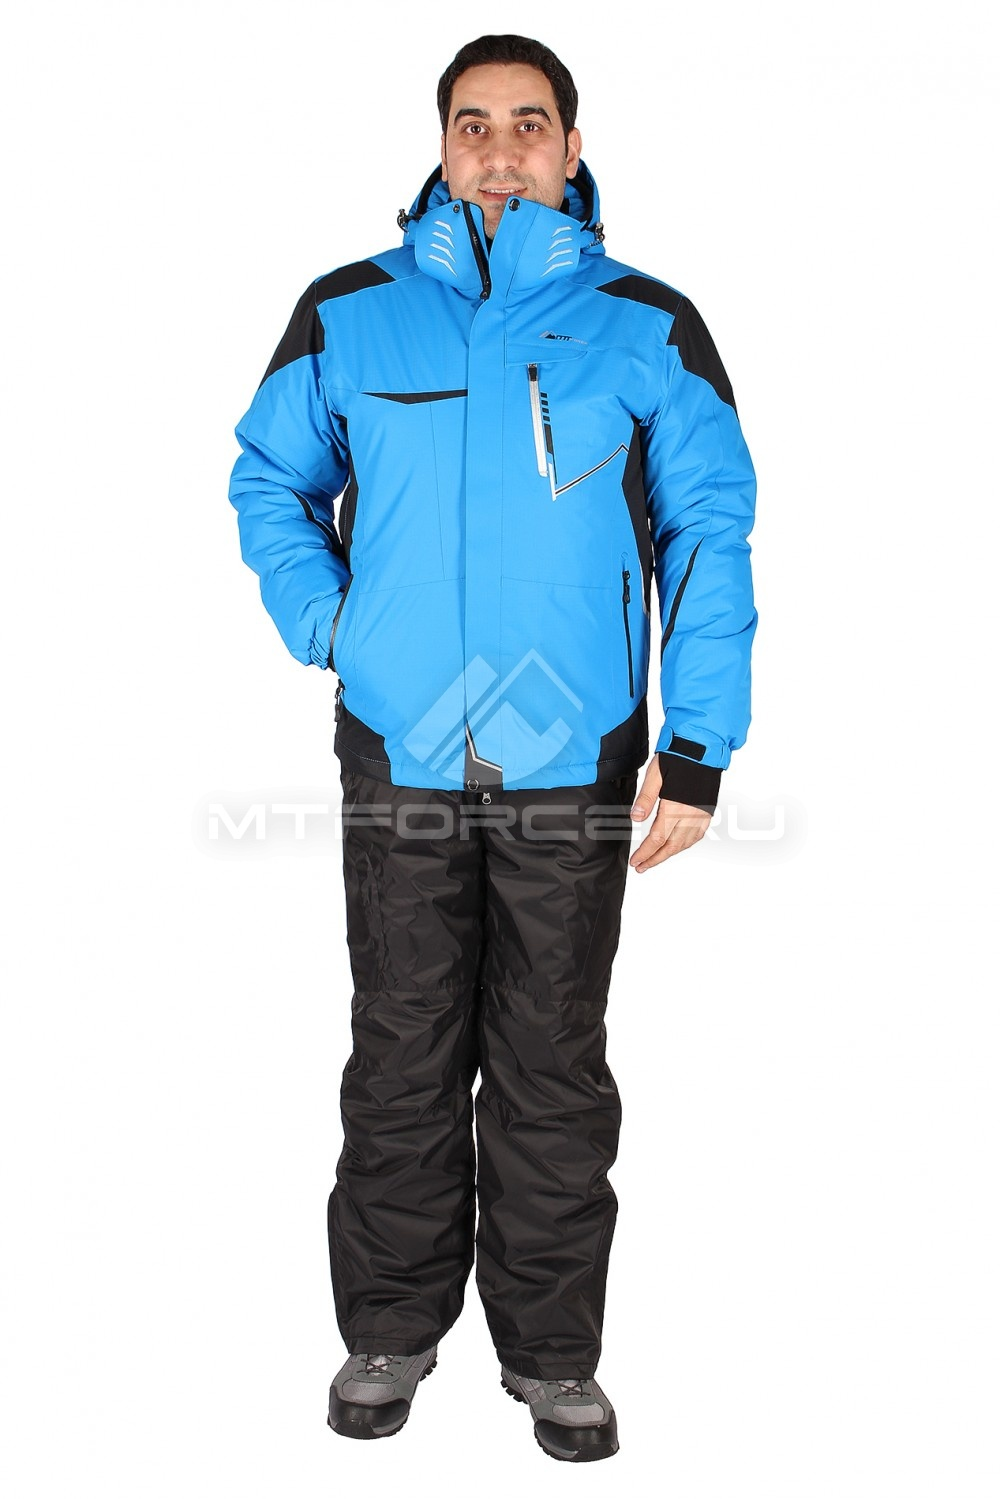 Купить                                  оптом Костюм горнолыжный мужской голубого цвета 01553Gl